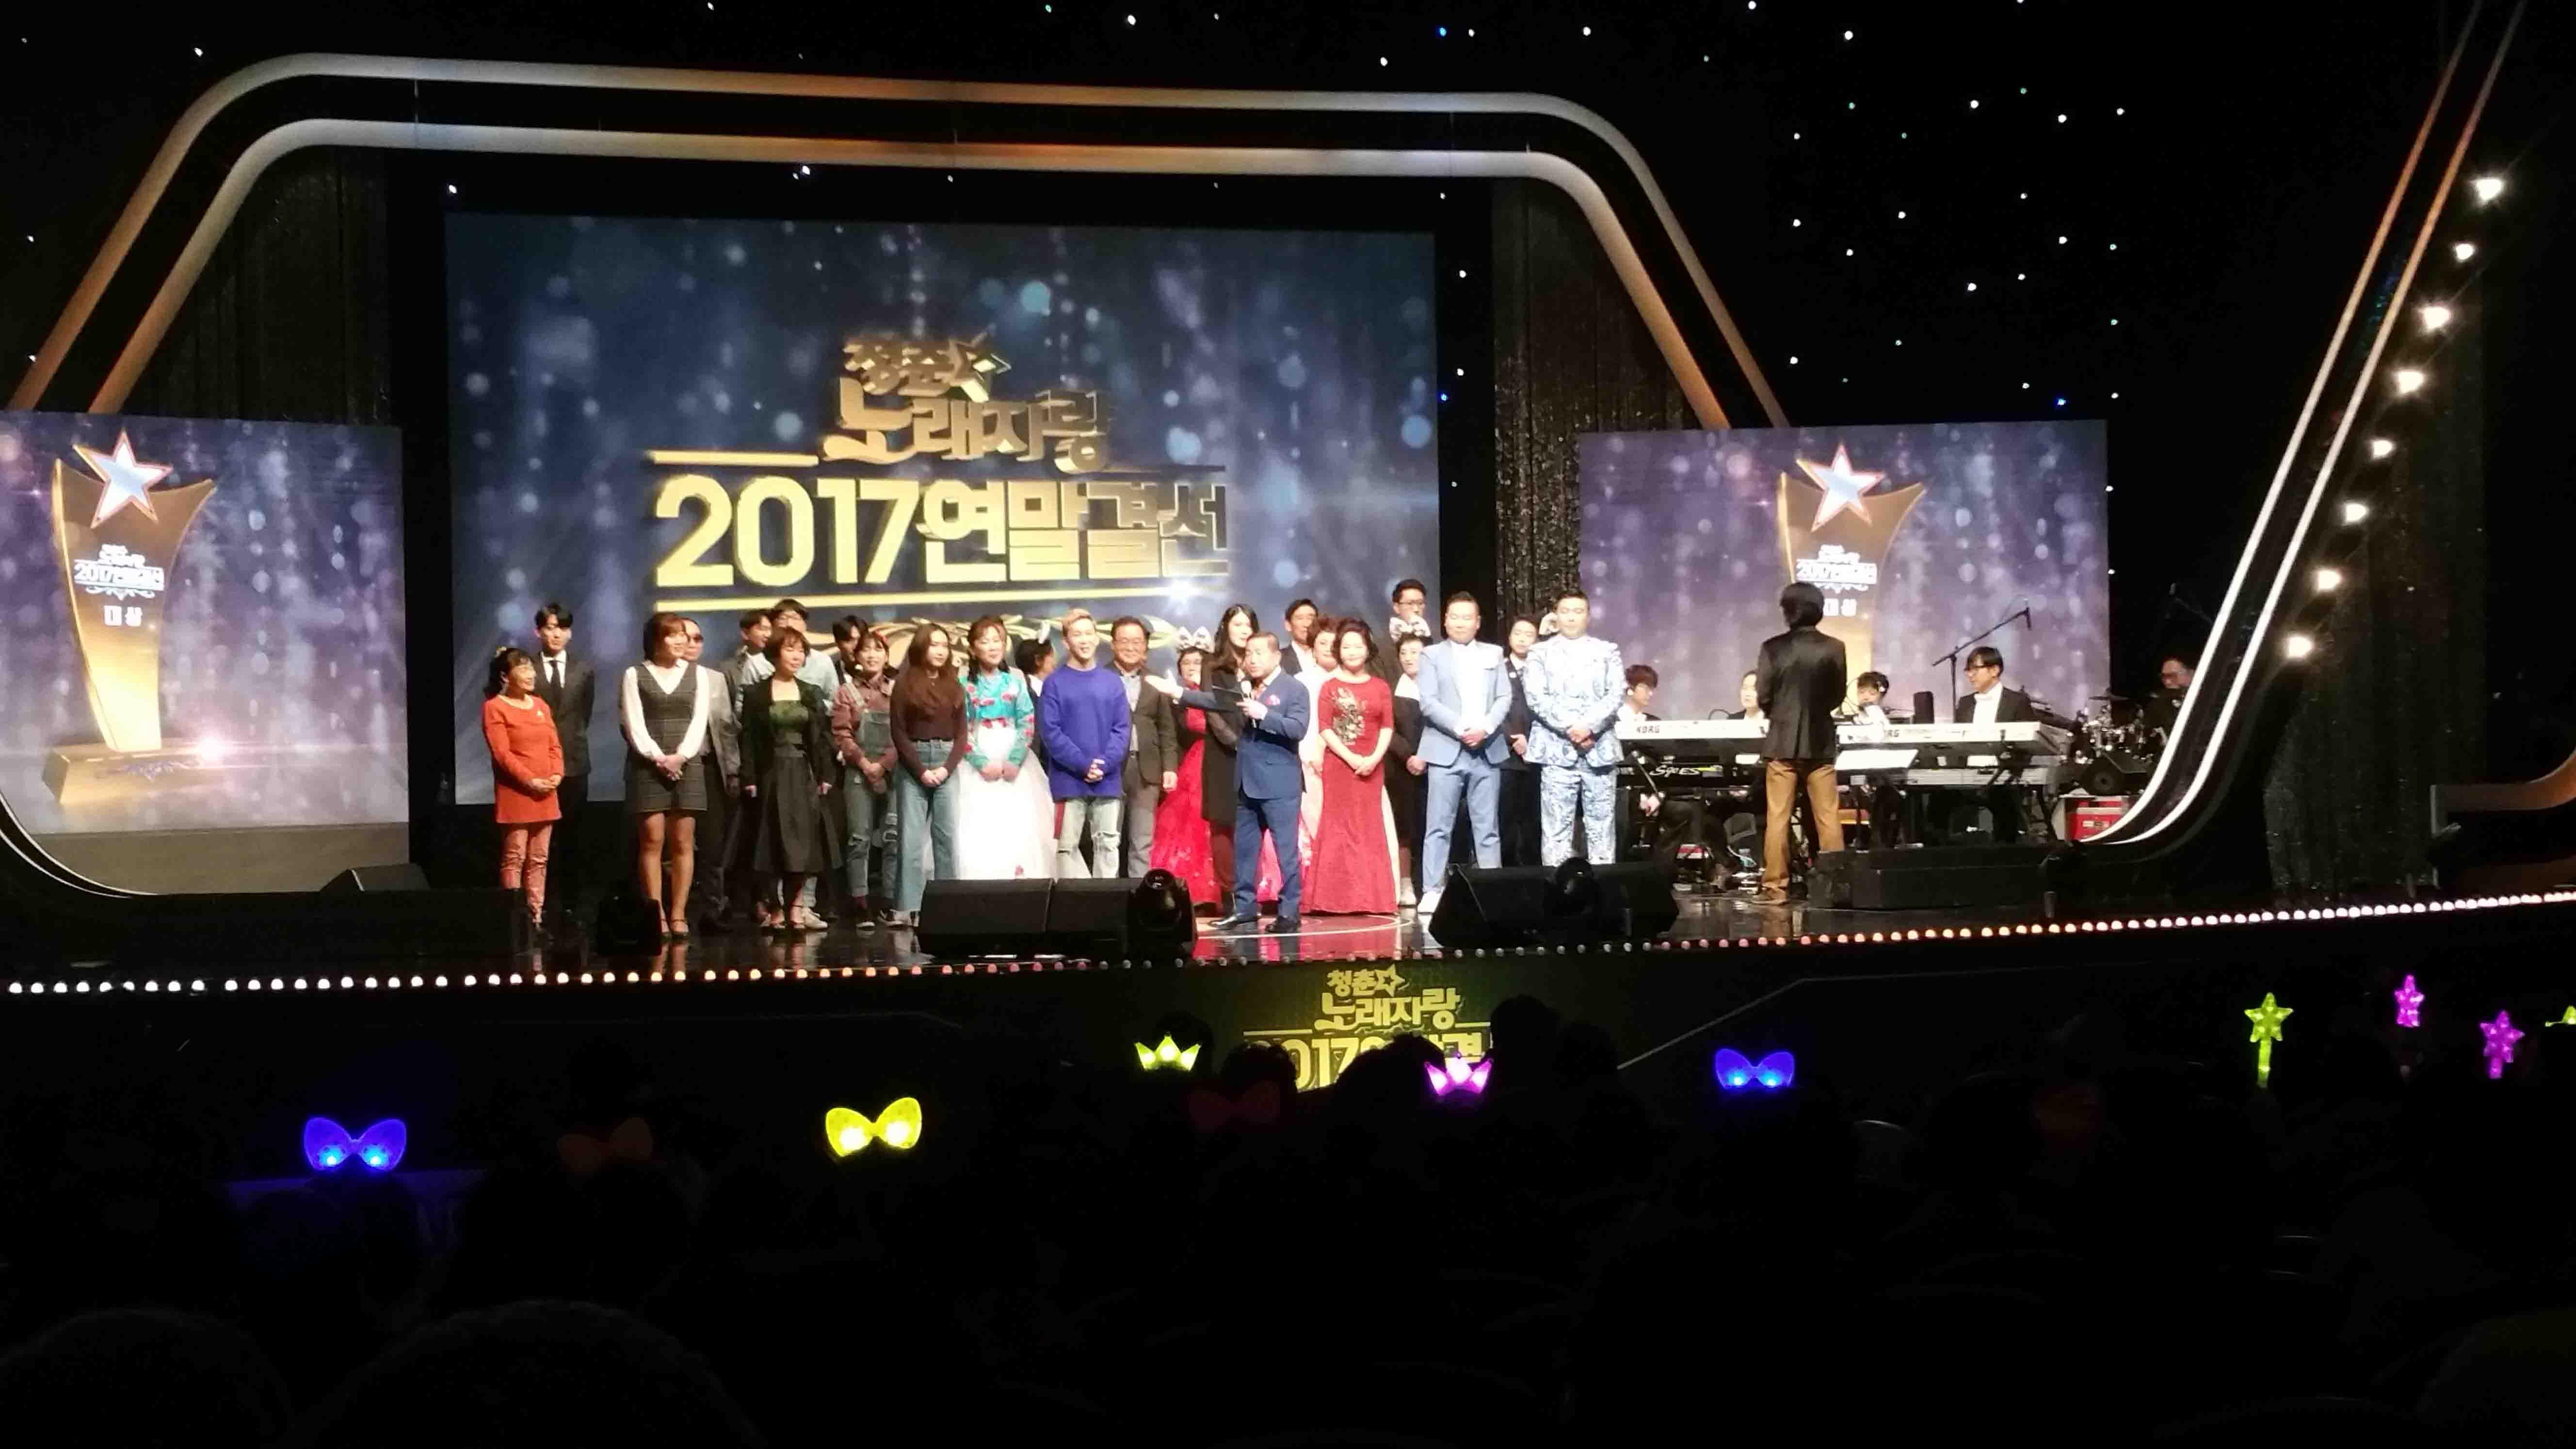 이상용, 뽀빠이이상용, 이메이드, 서울경기TV, D'LIVE, 노래자랑